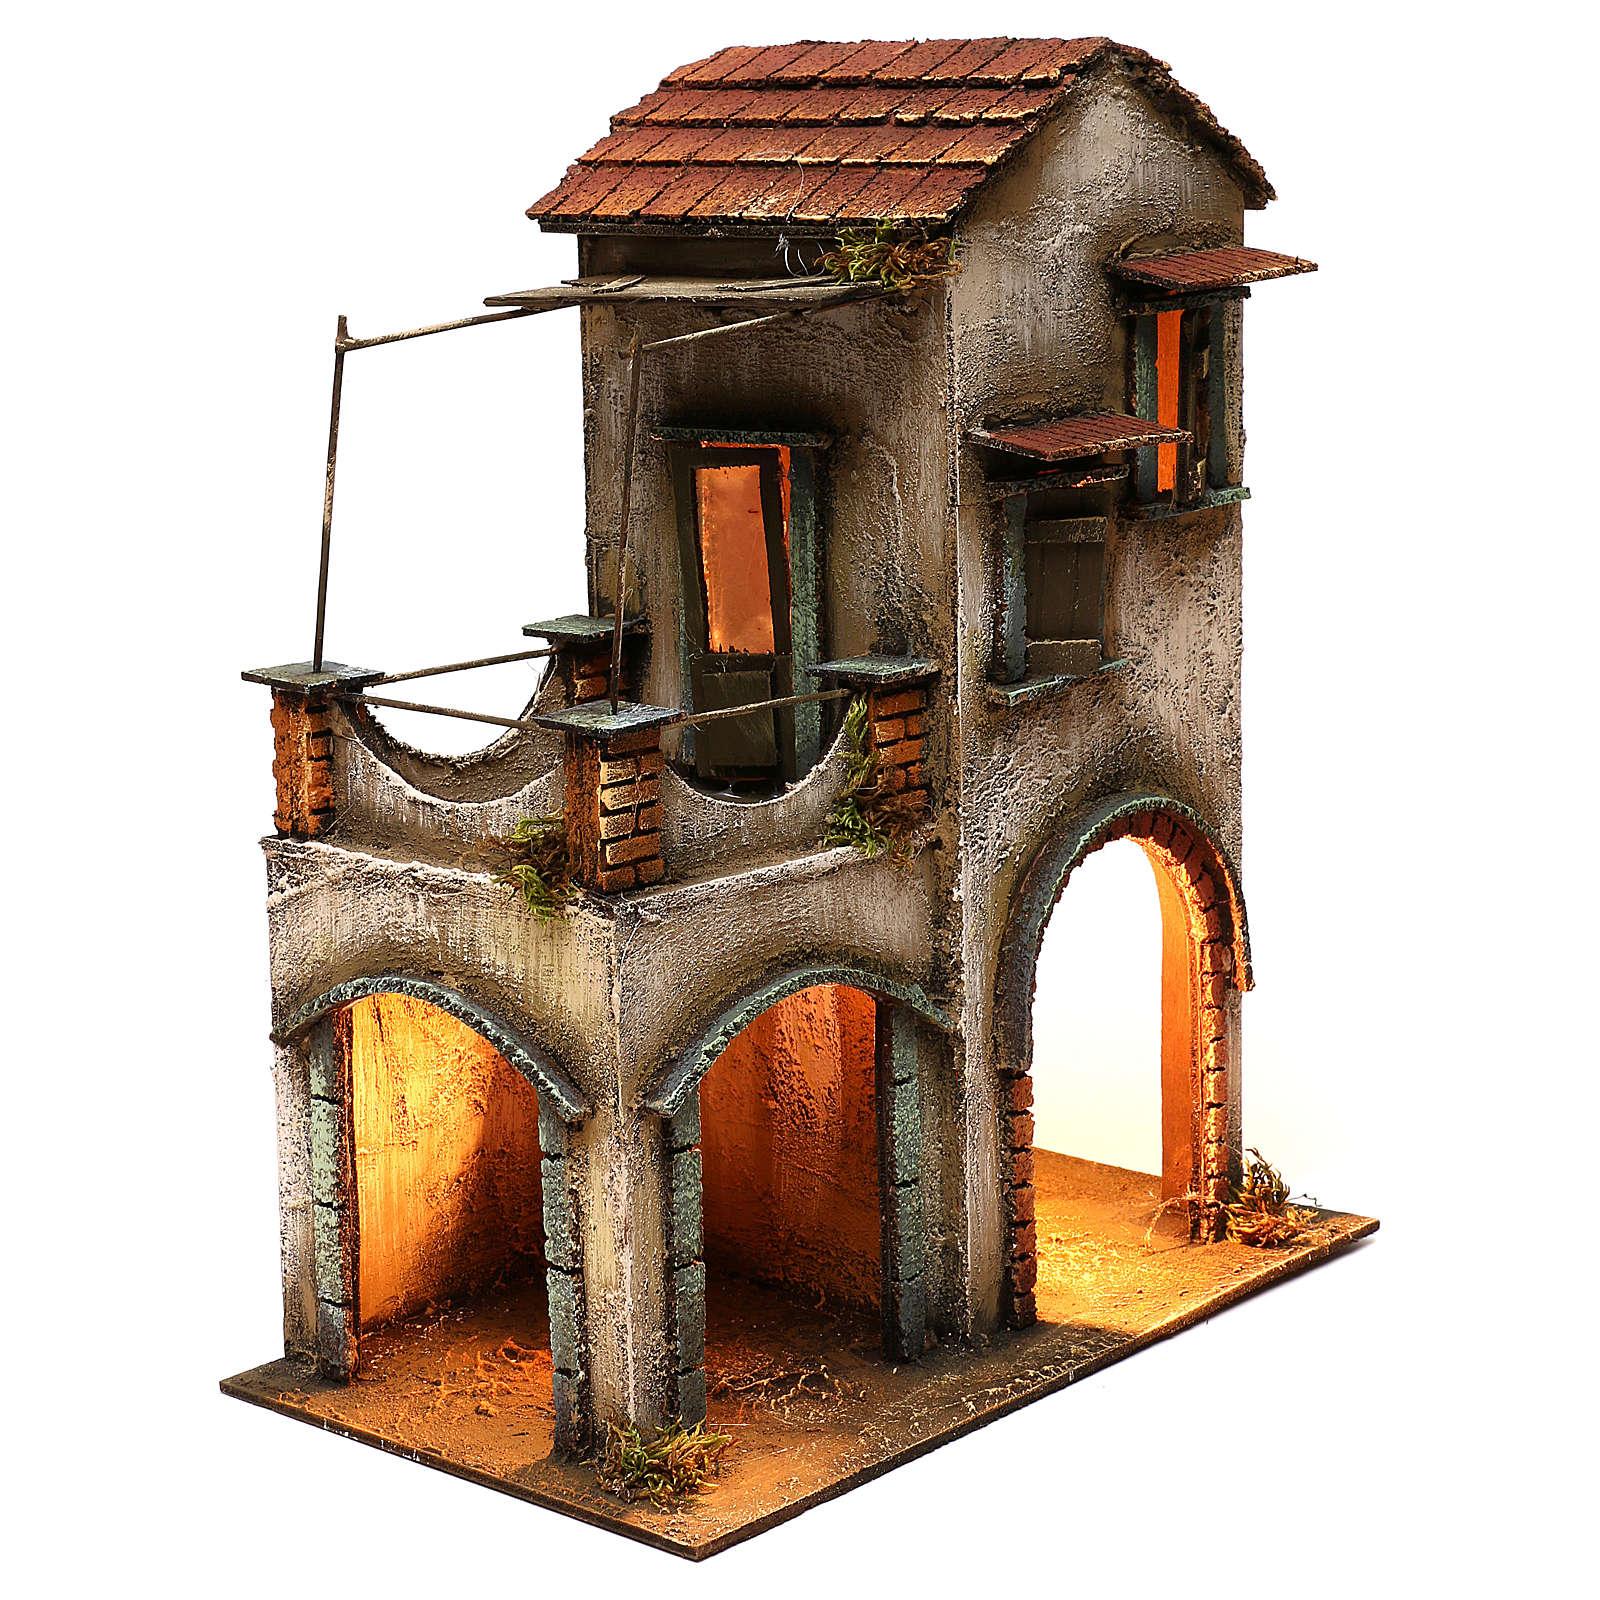 Casa dos pisos establos terraza marquesina belén napolitano 40x35x20 4